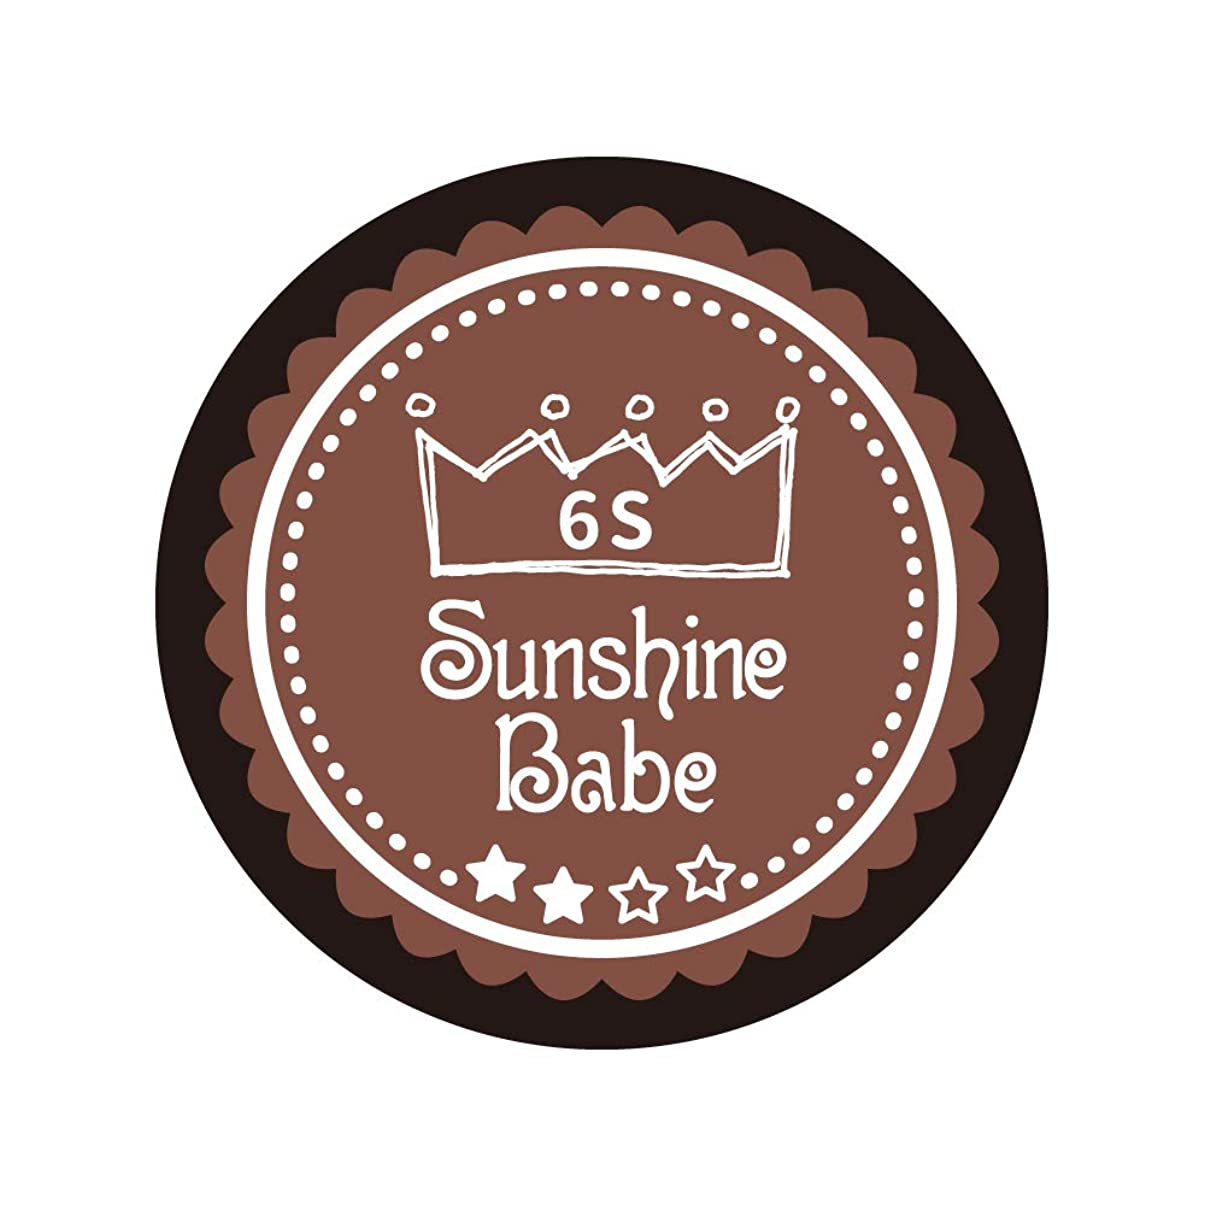 評価するベスビオ山インタビューSunshine Babe カラージェル 6S エンペラドール 2.7g UV/LED対応